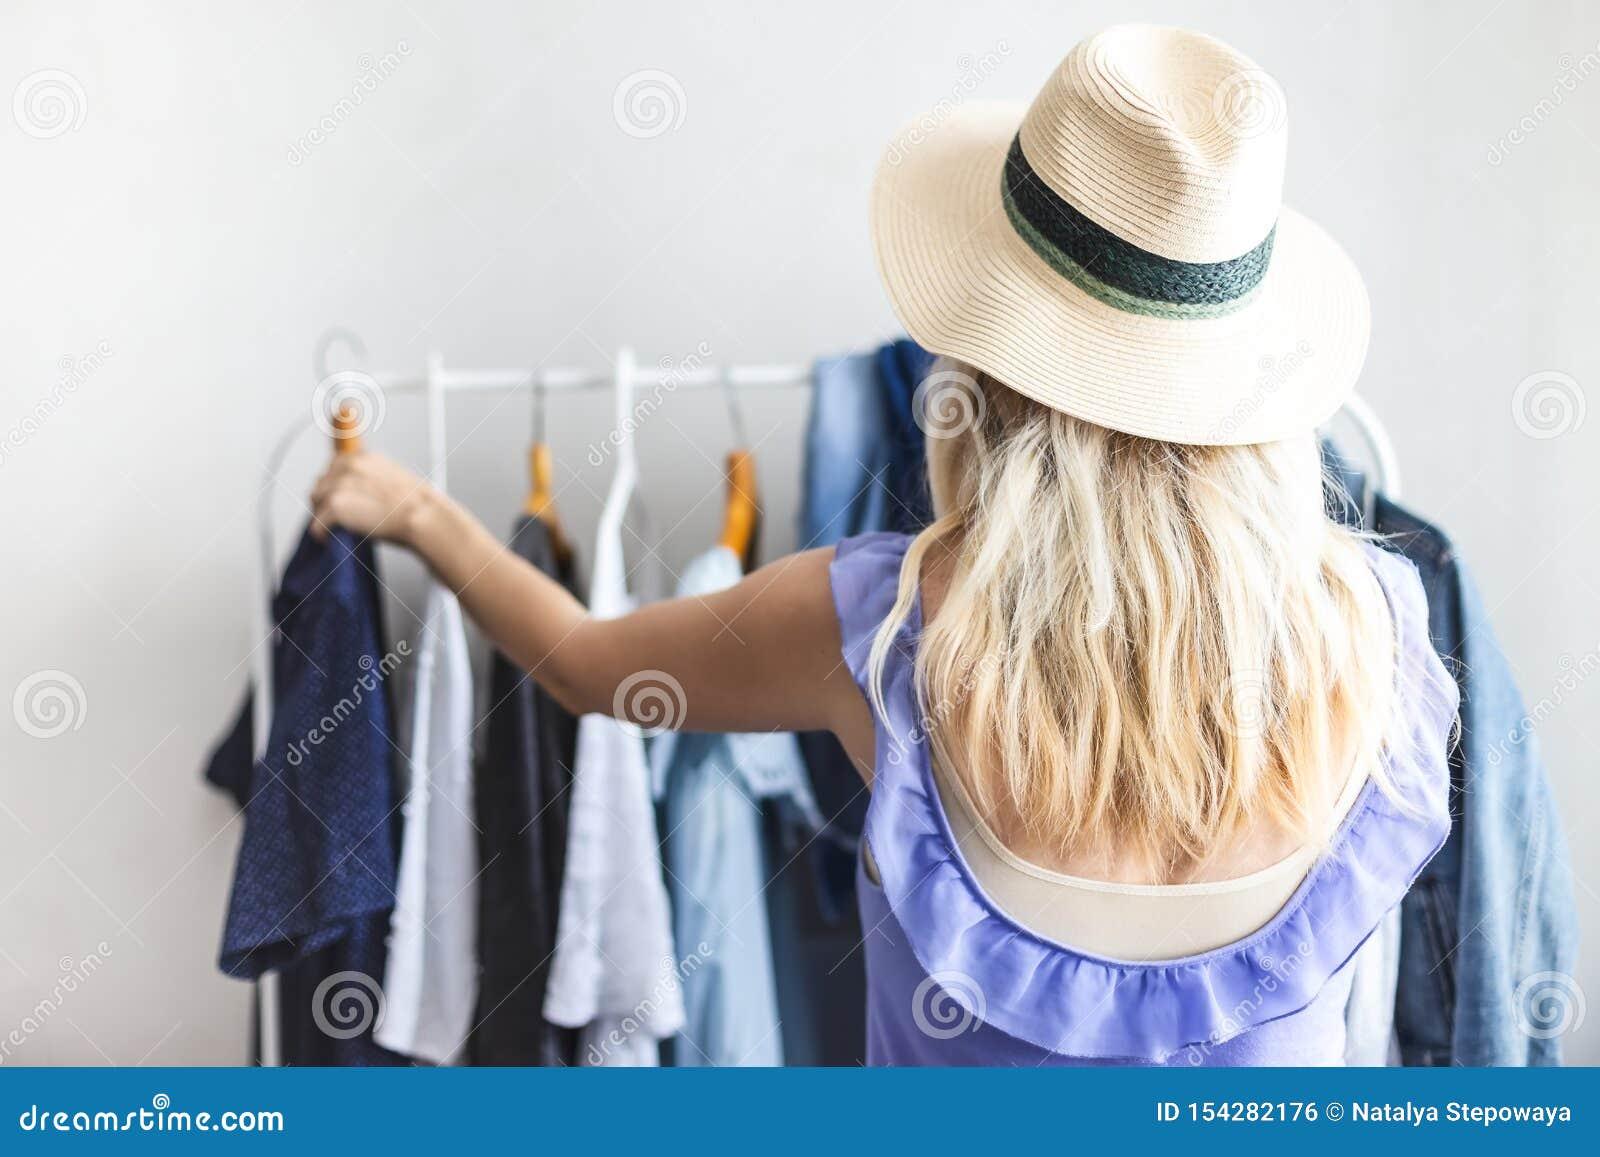 Το κορίτσι Blondy κοντά σε μια ντουλάπα με τα ενδύματα δεν μπορεί να επιλέξει τι να φορέσει